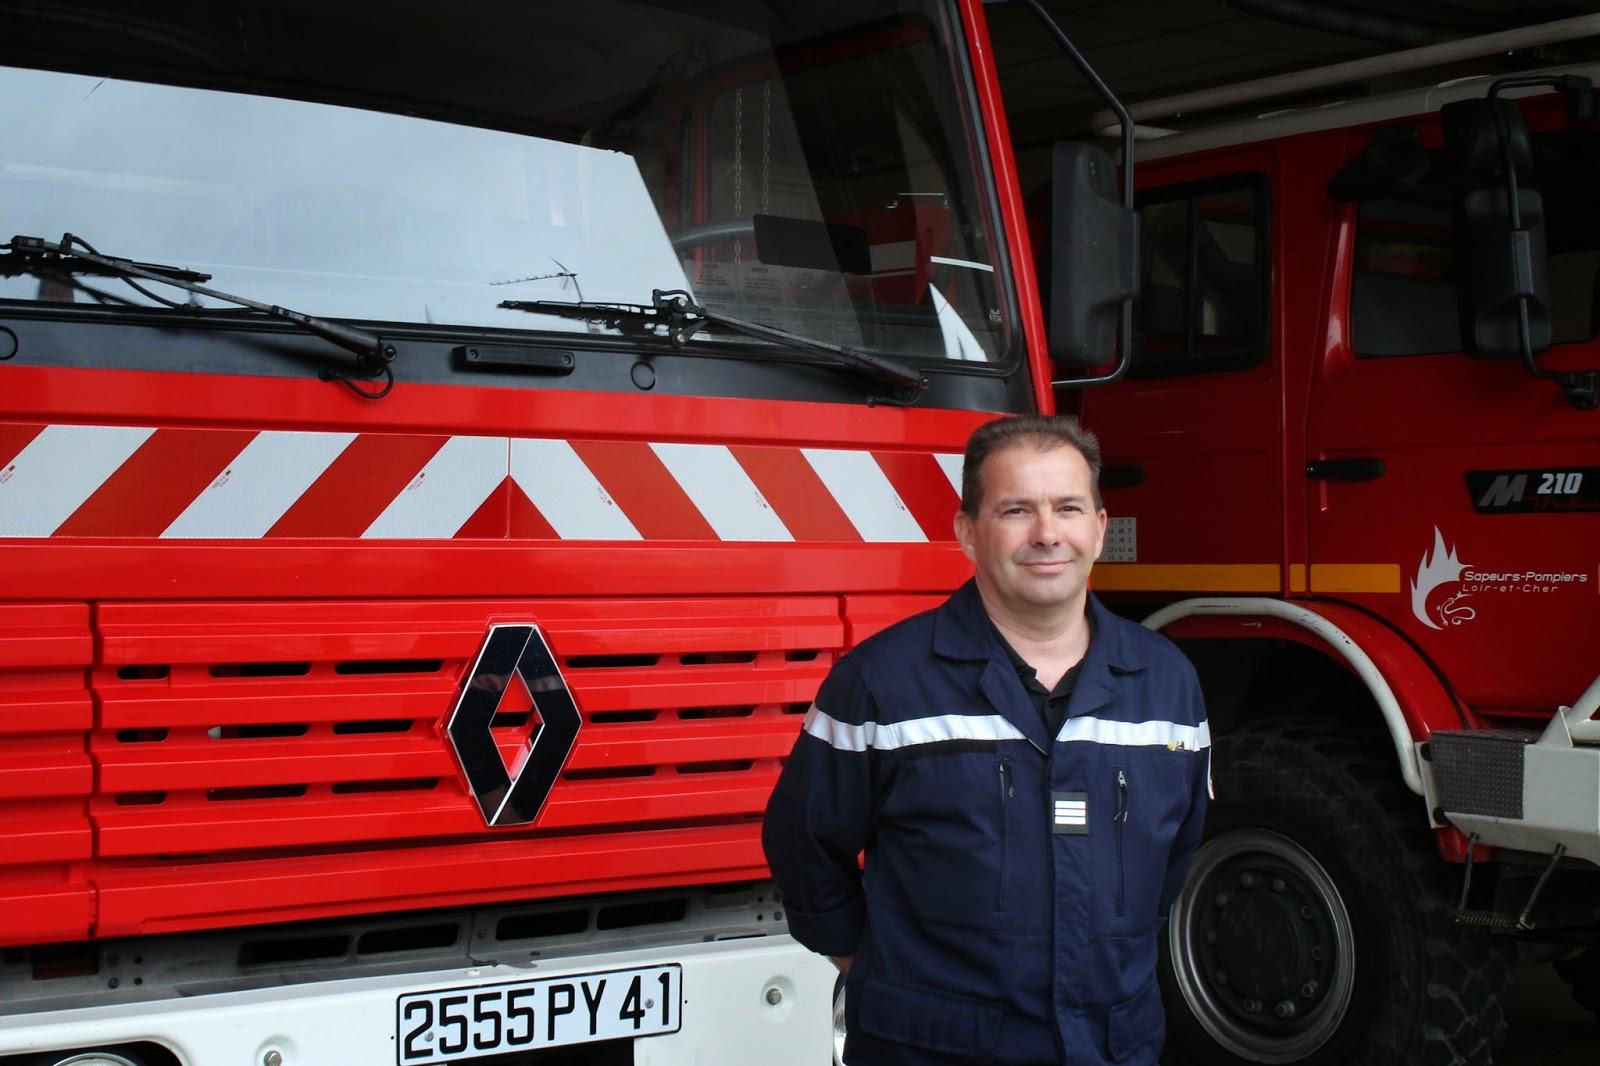 Freddy LEVEAU - Chef de Centre des Pompiers de Cour-Cheverny